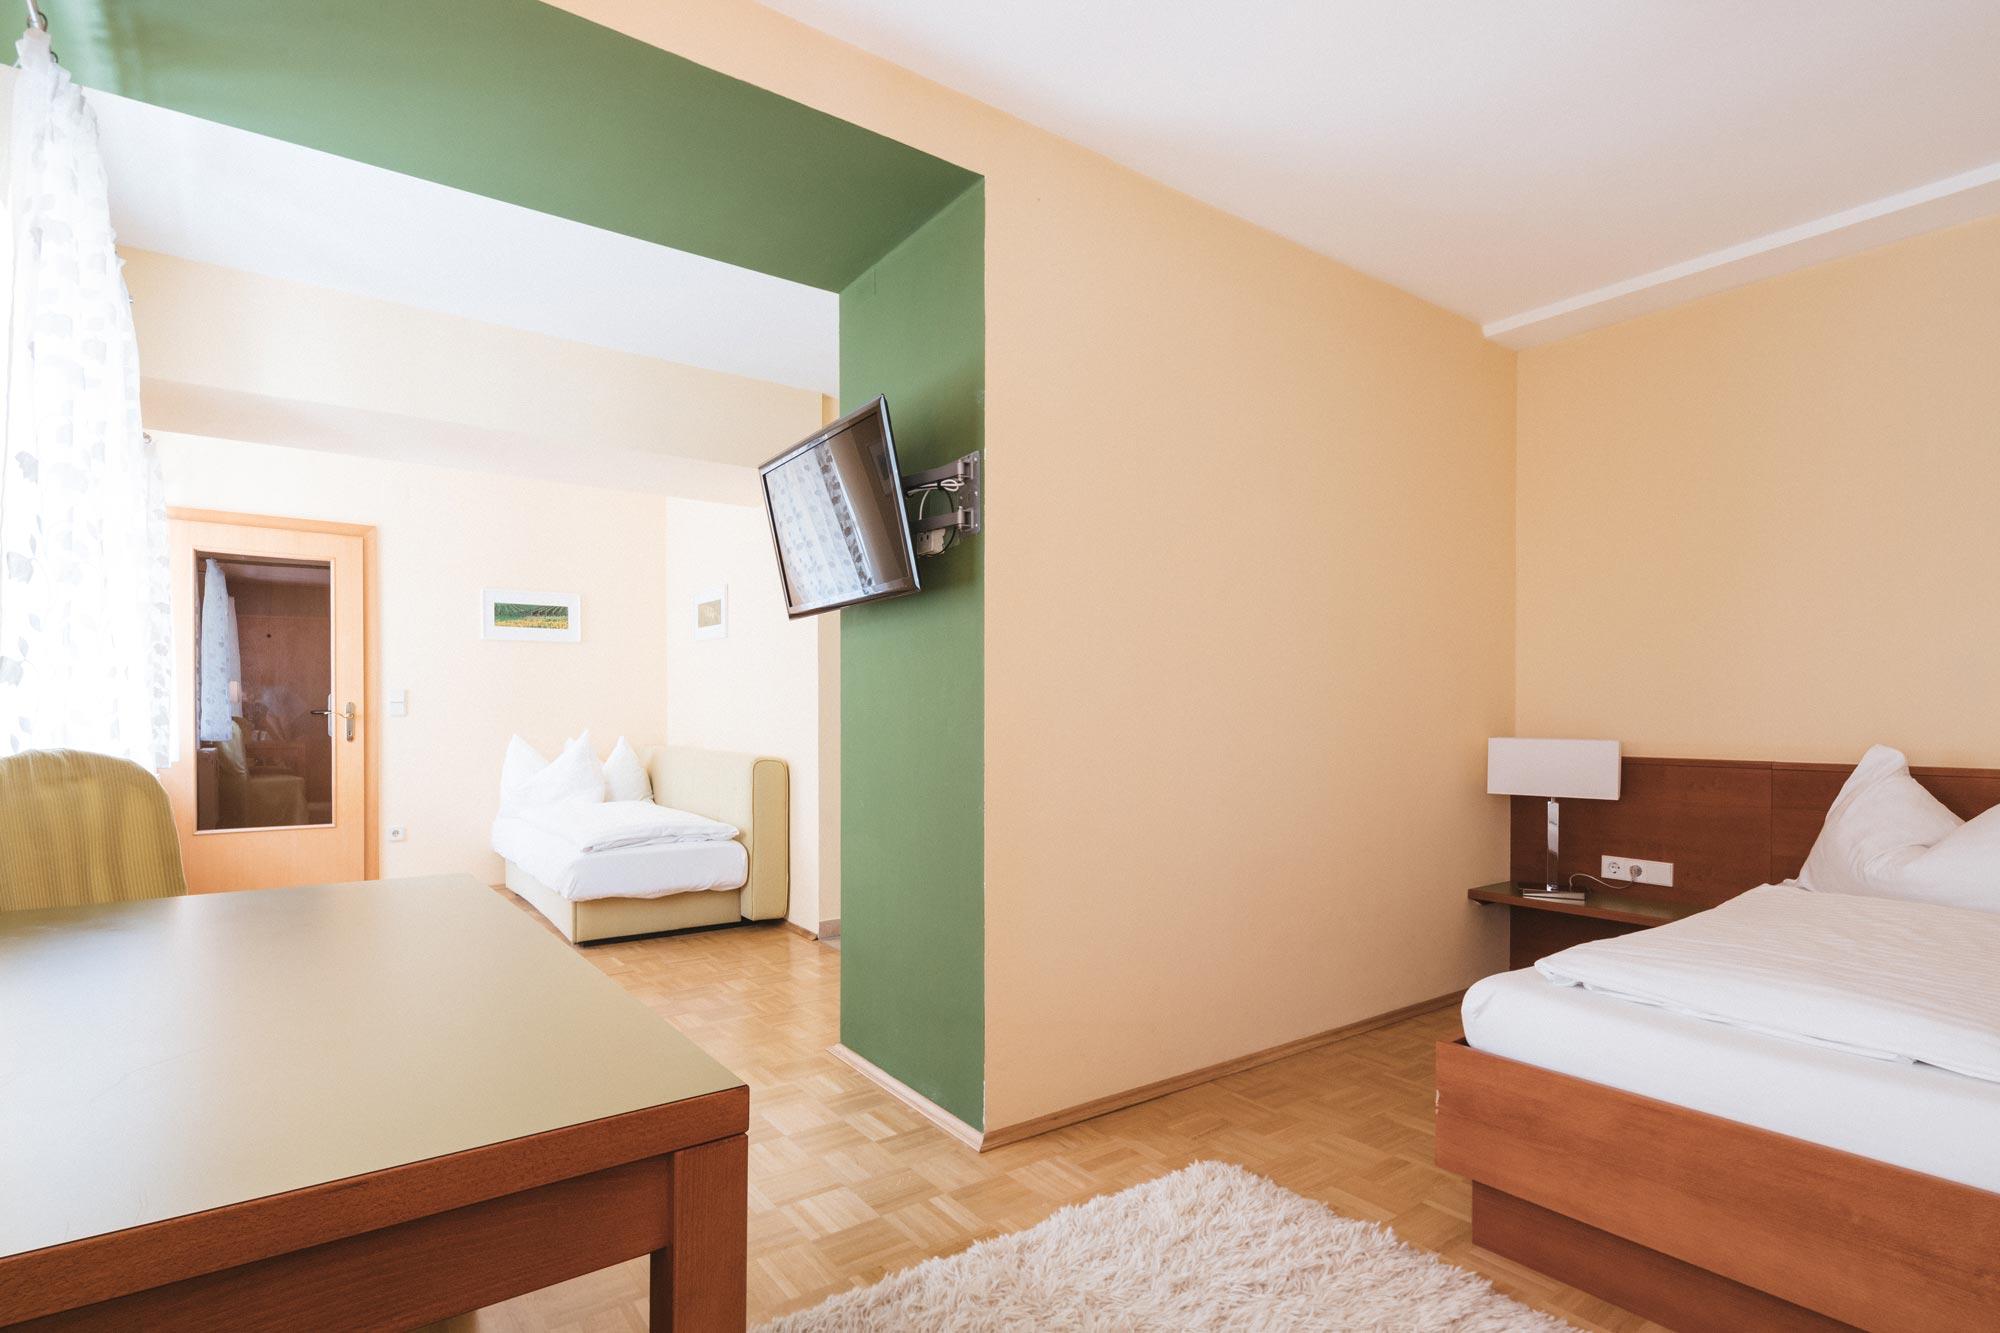 Apartment-1-Wohnbereich